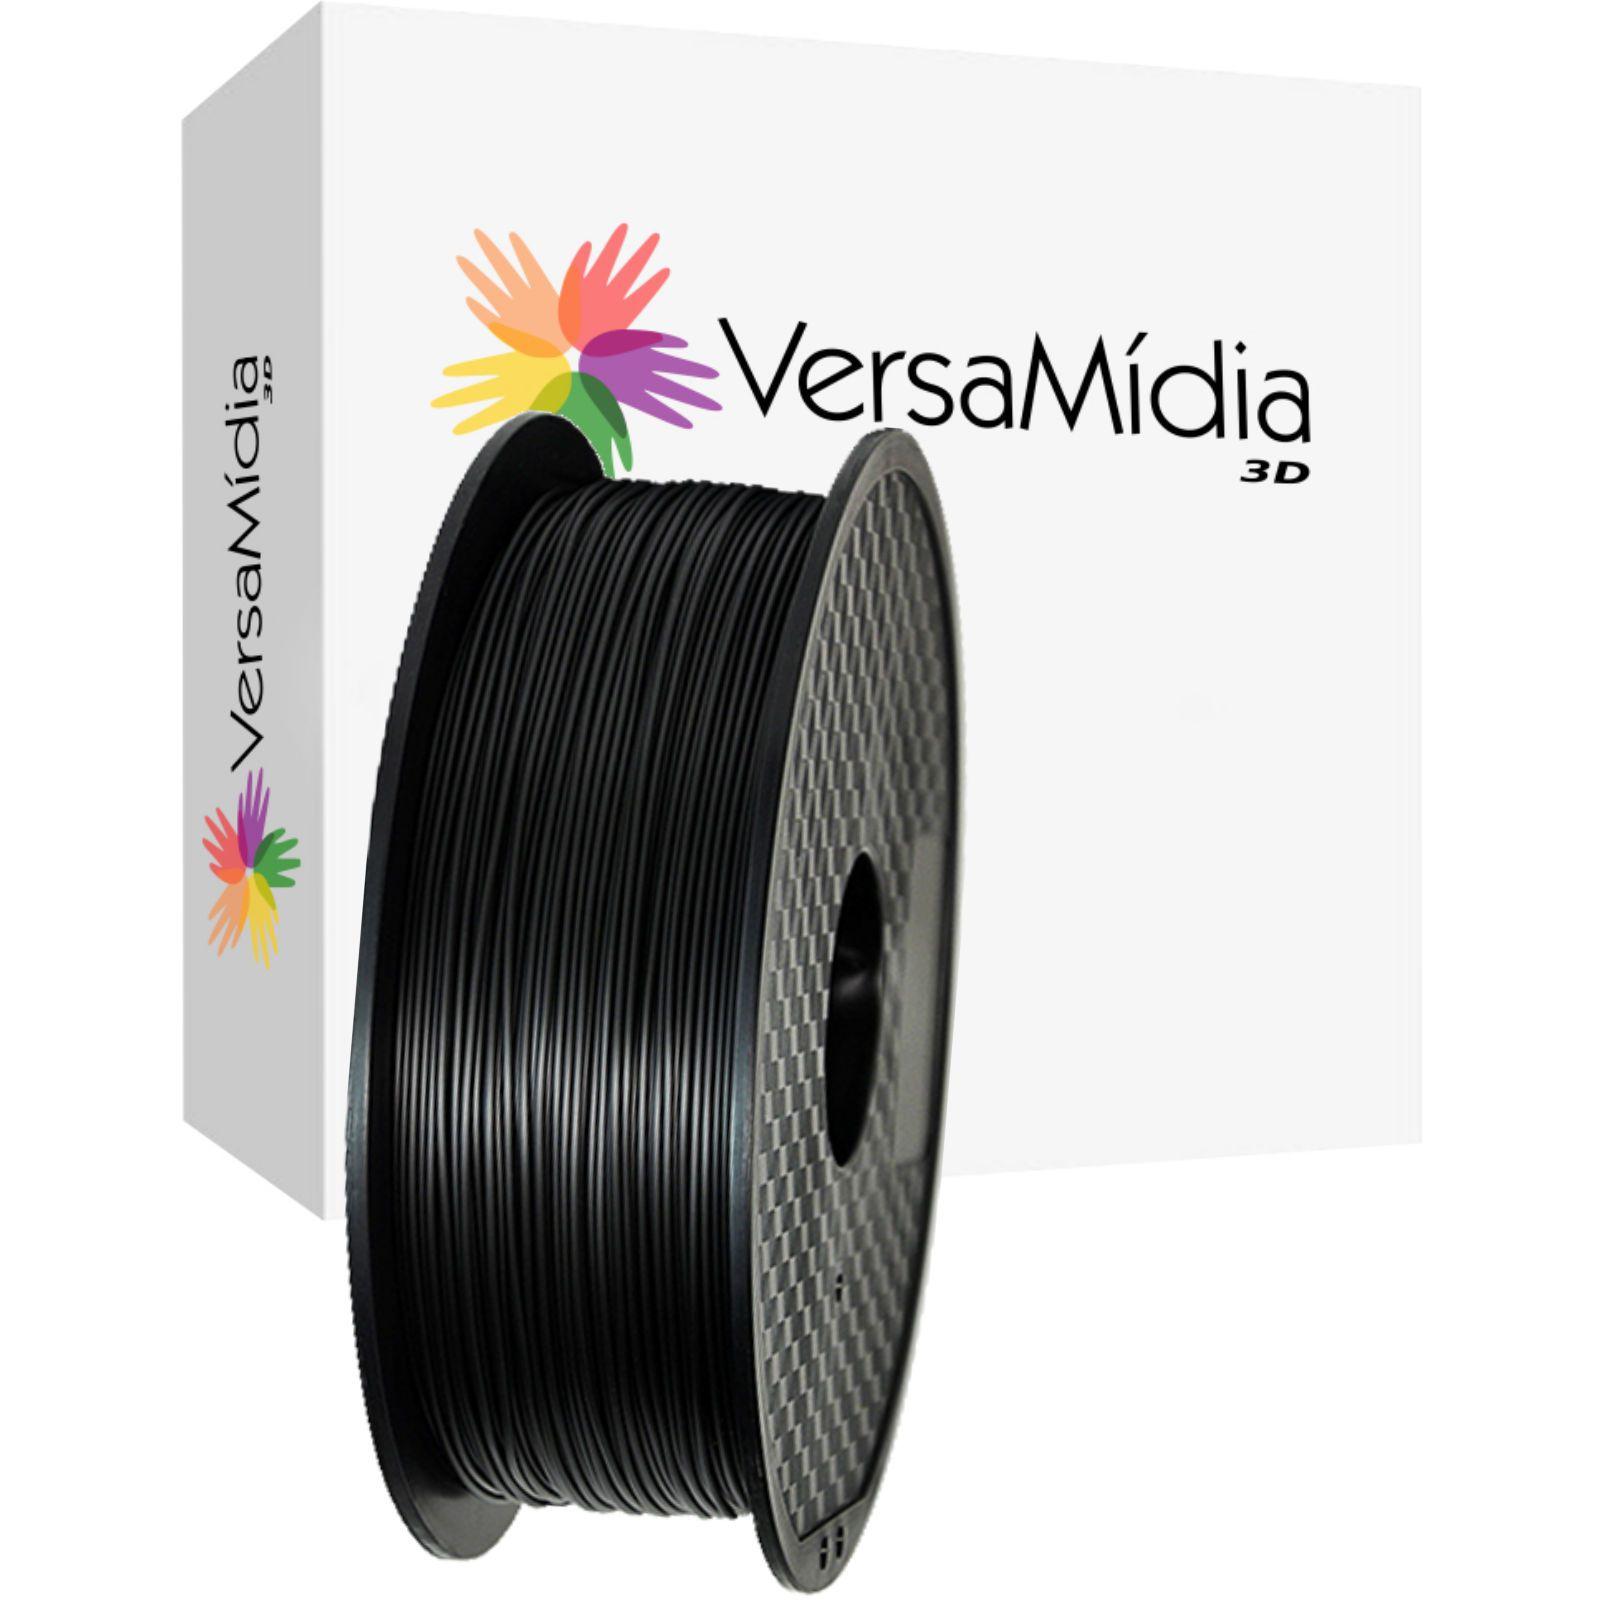 Filamento PETG Cores Opacas  1.75mm 1Kg Bobina Black Spool  Impressão 3D  - 11523/11524